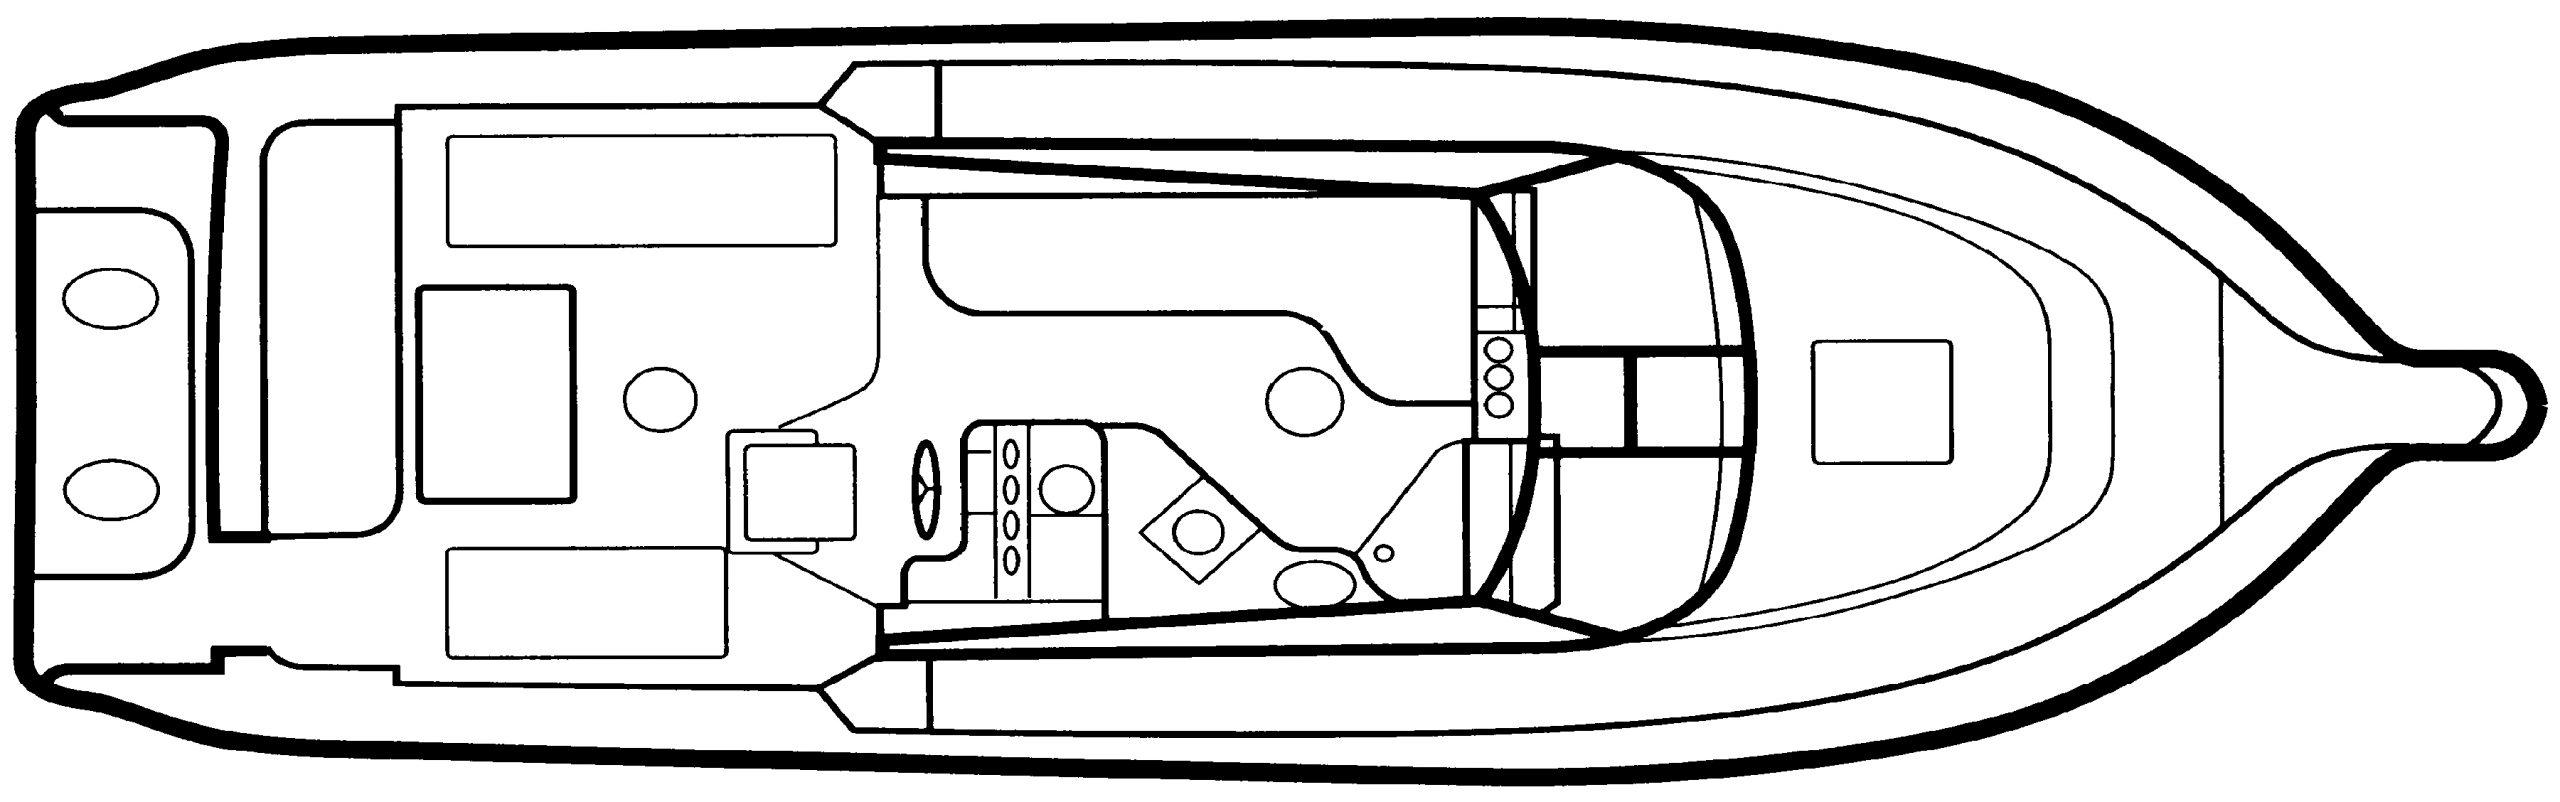 30-31 Express Floor Plan 1